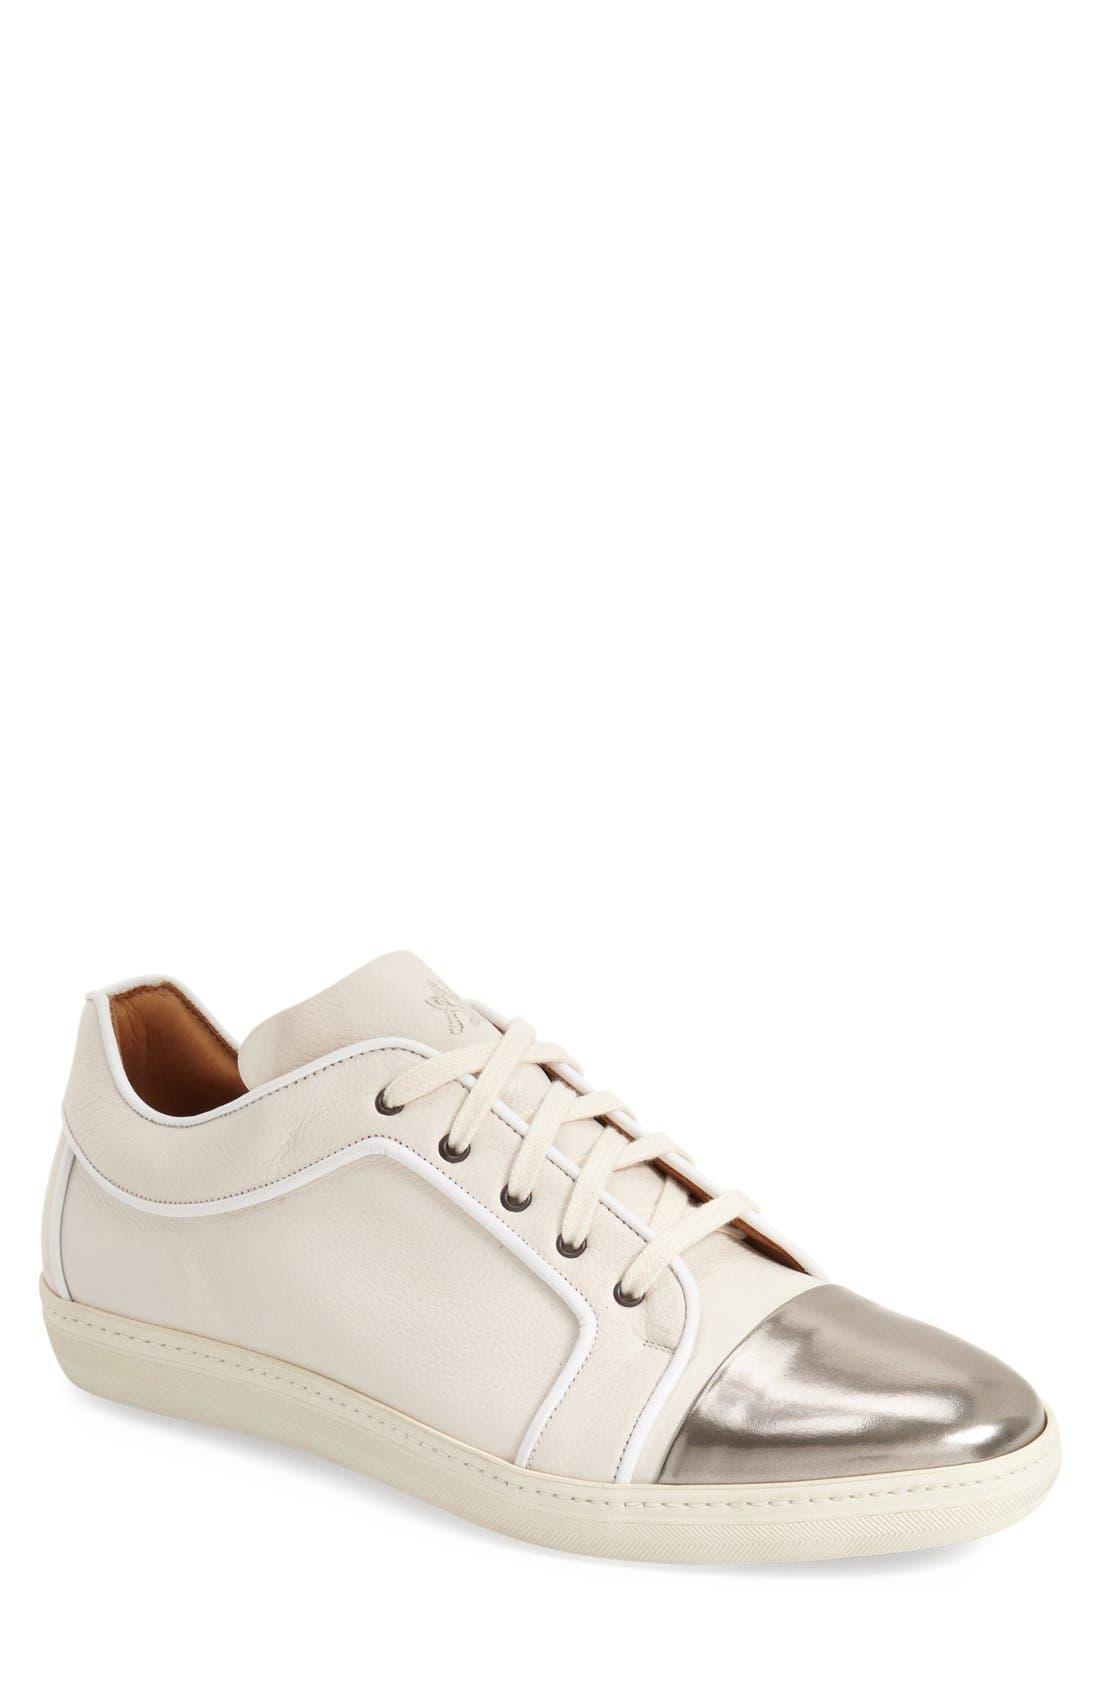 'Valeri' Sneaker,                             Main thumbnail 1, color,                             041